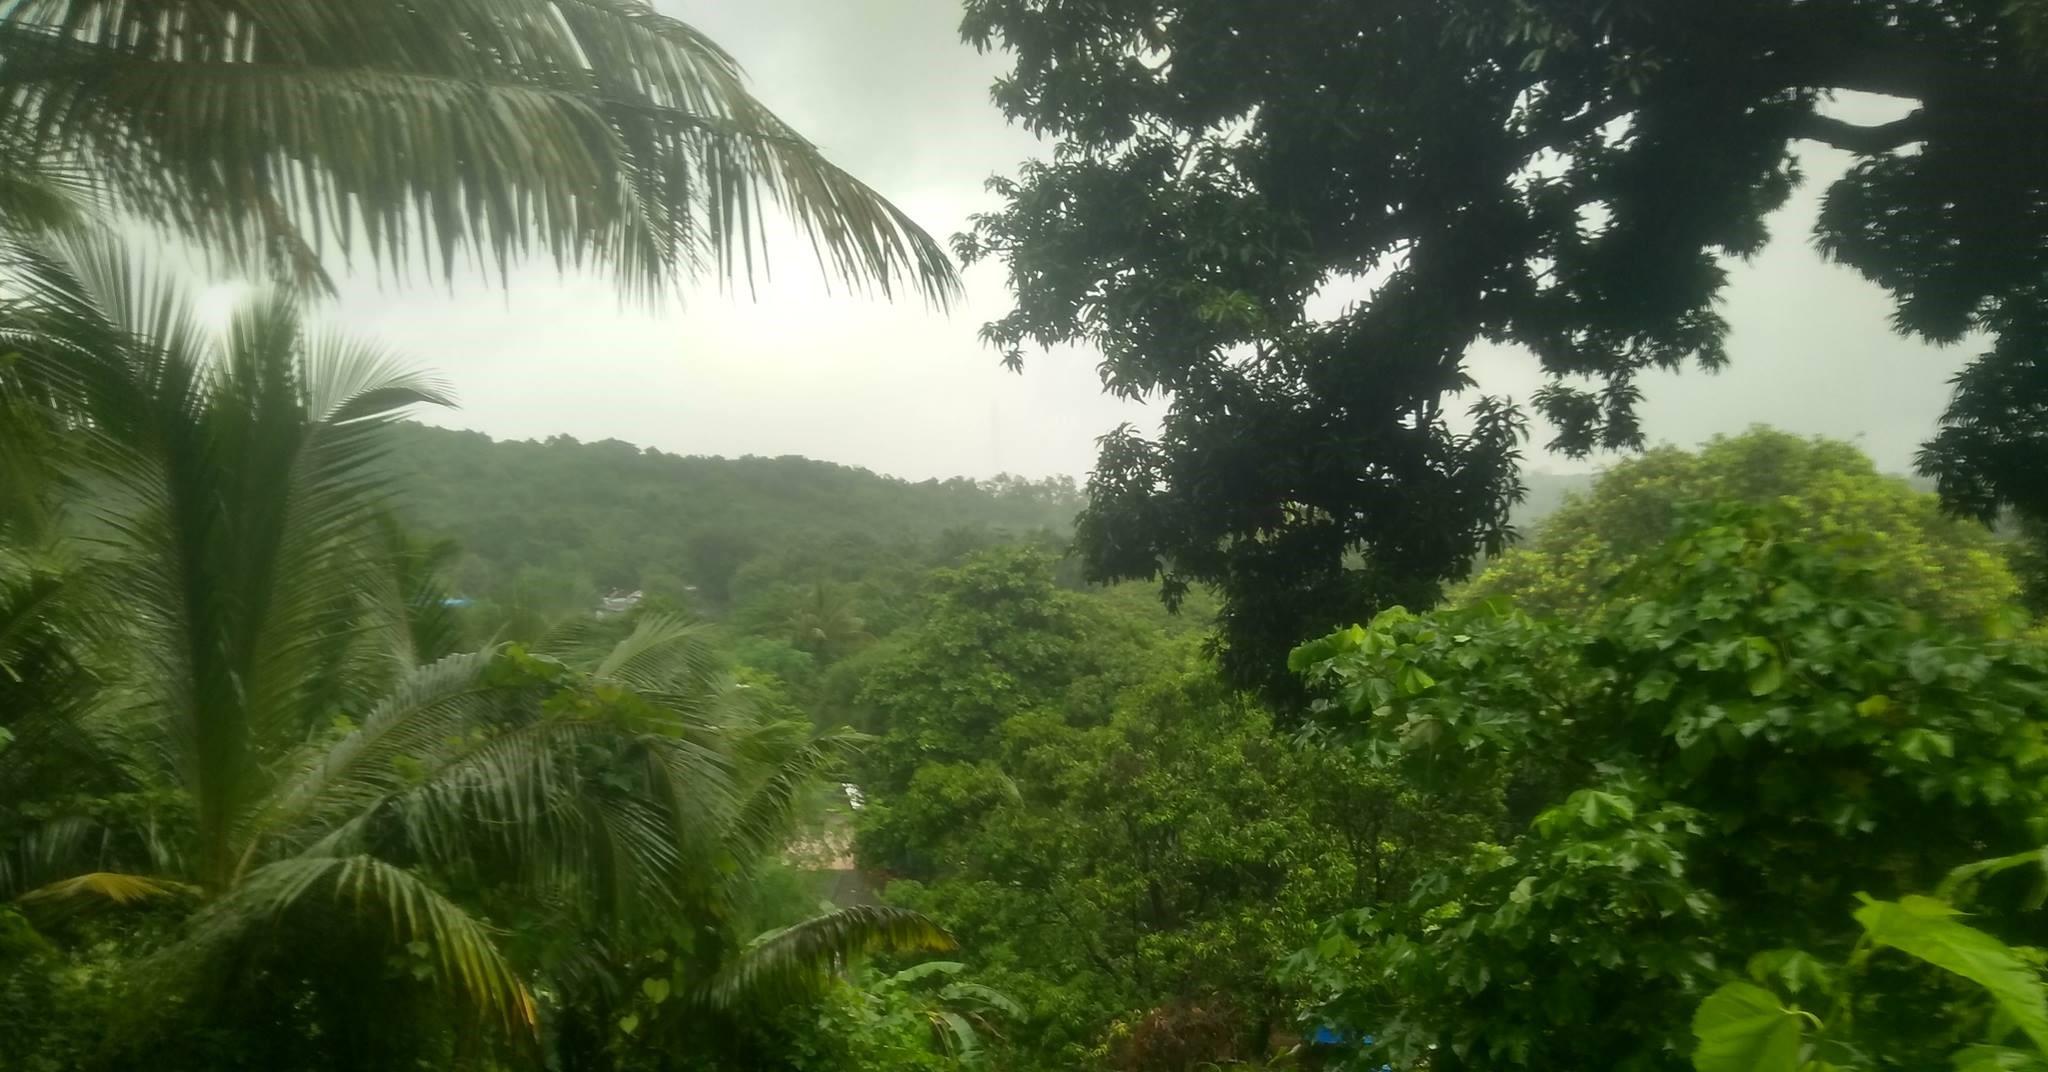 मुंबईत मधोमध विस्तीर्ण जंगलाचा निर्णय